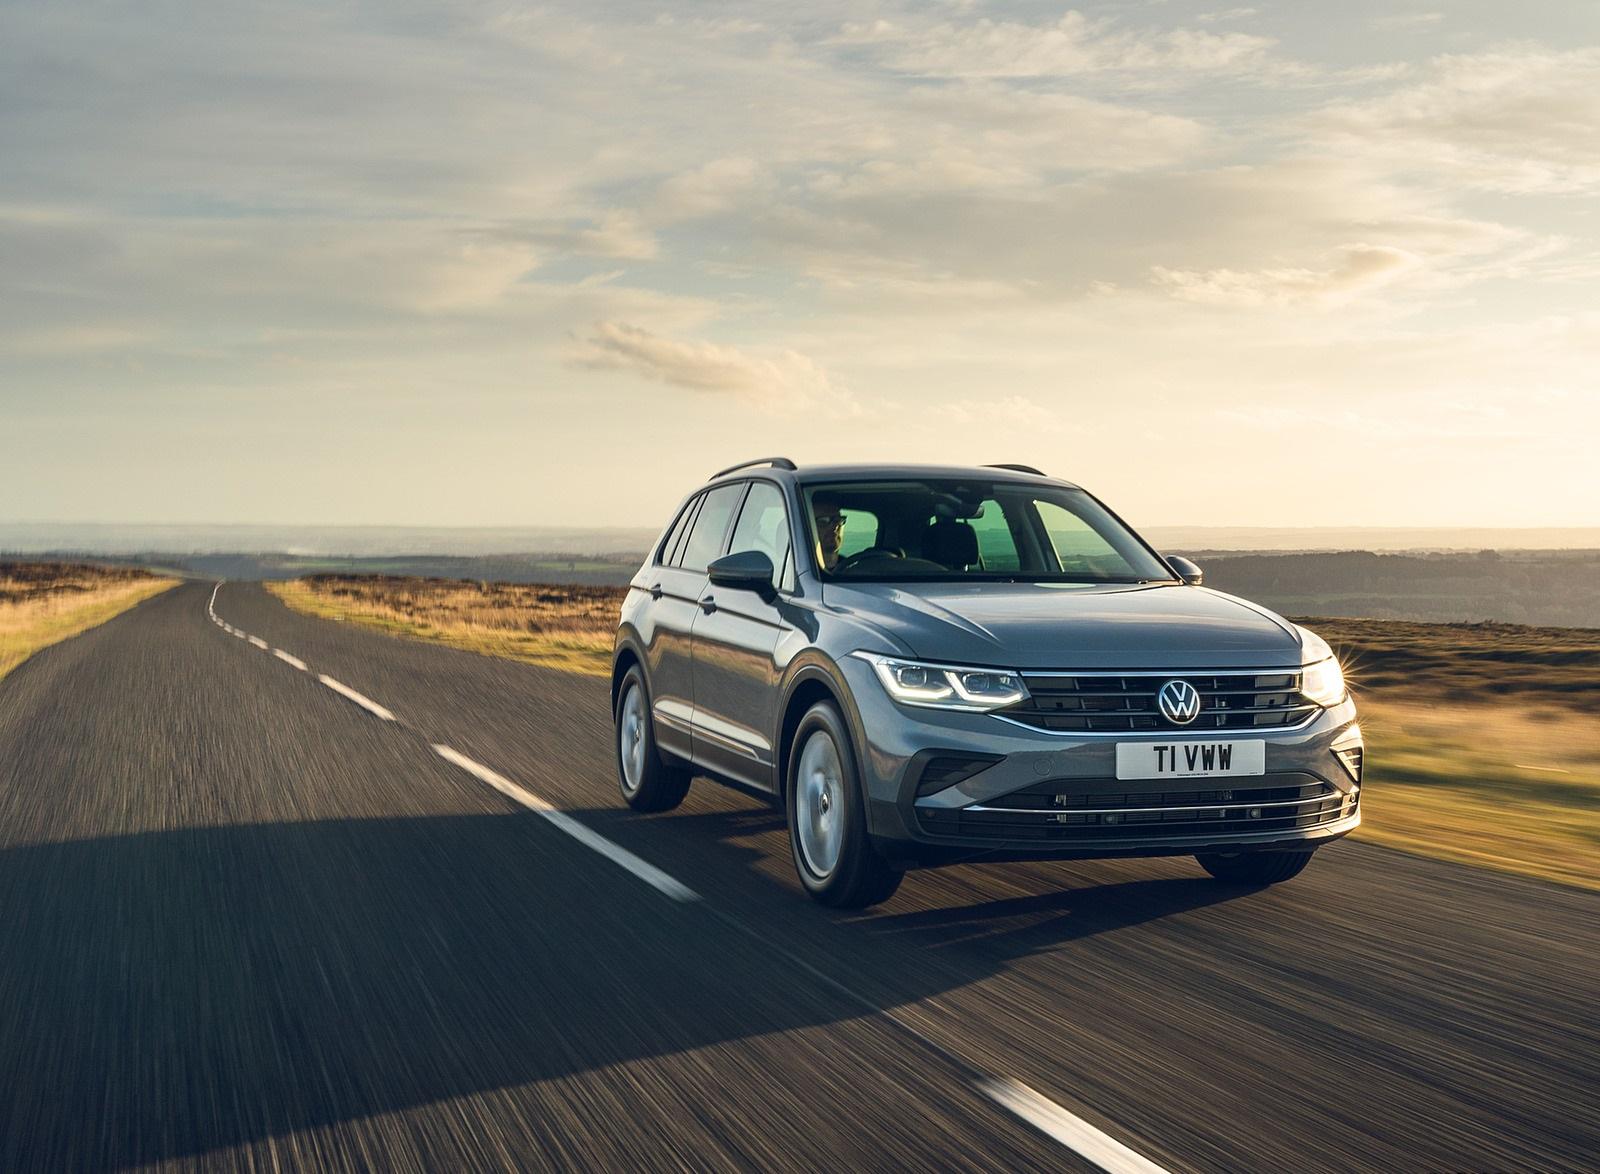 2021 Volkswagen Tiguan Life (UK-Spec) Front Three-Quarter Wallpapers  (7)